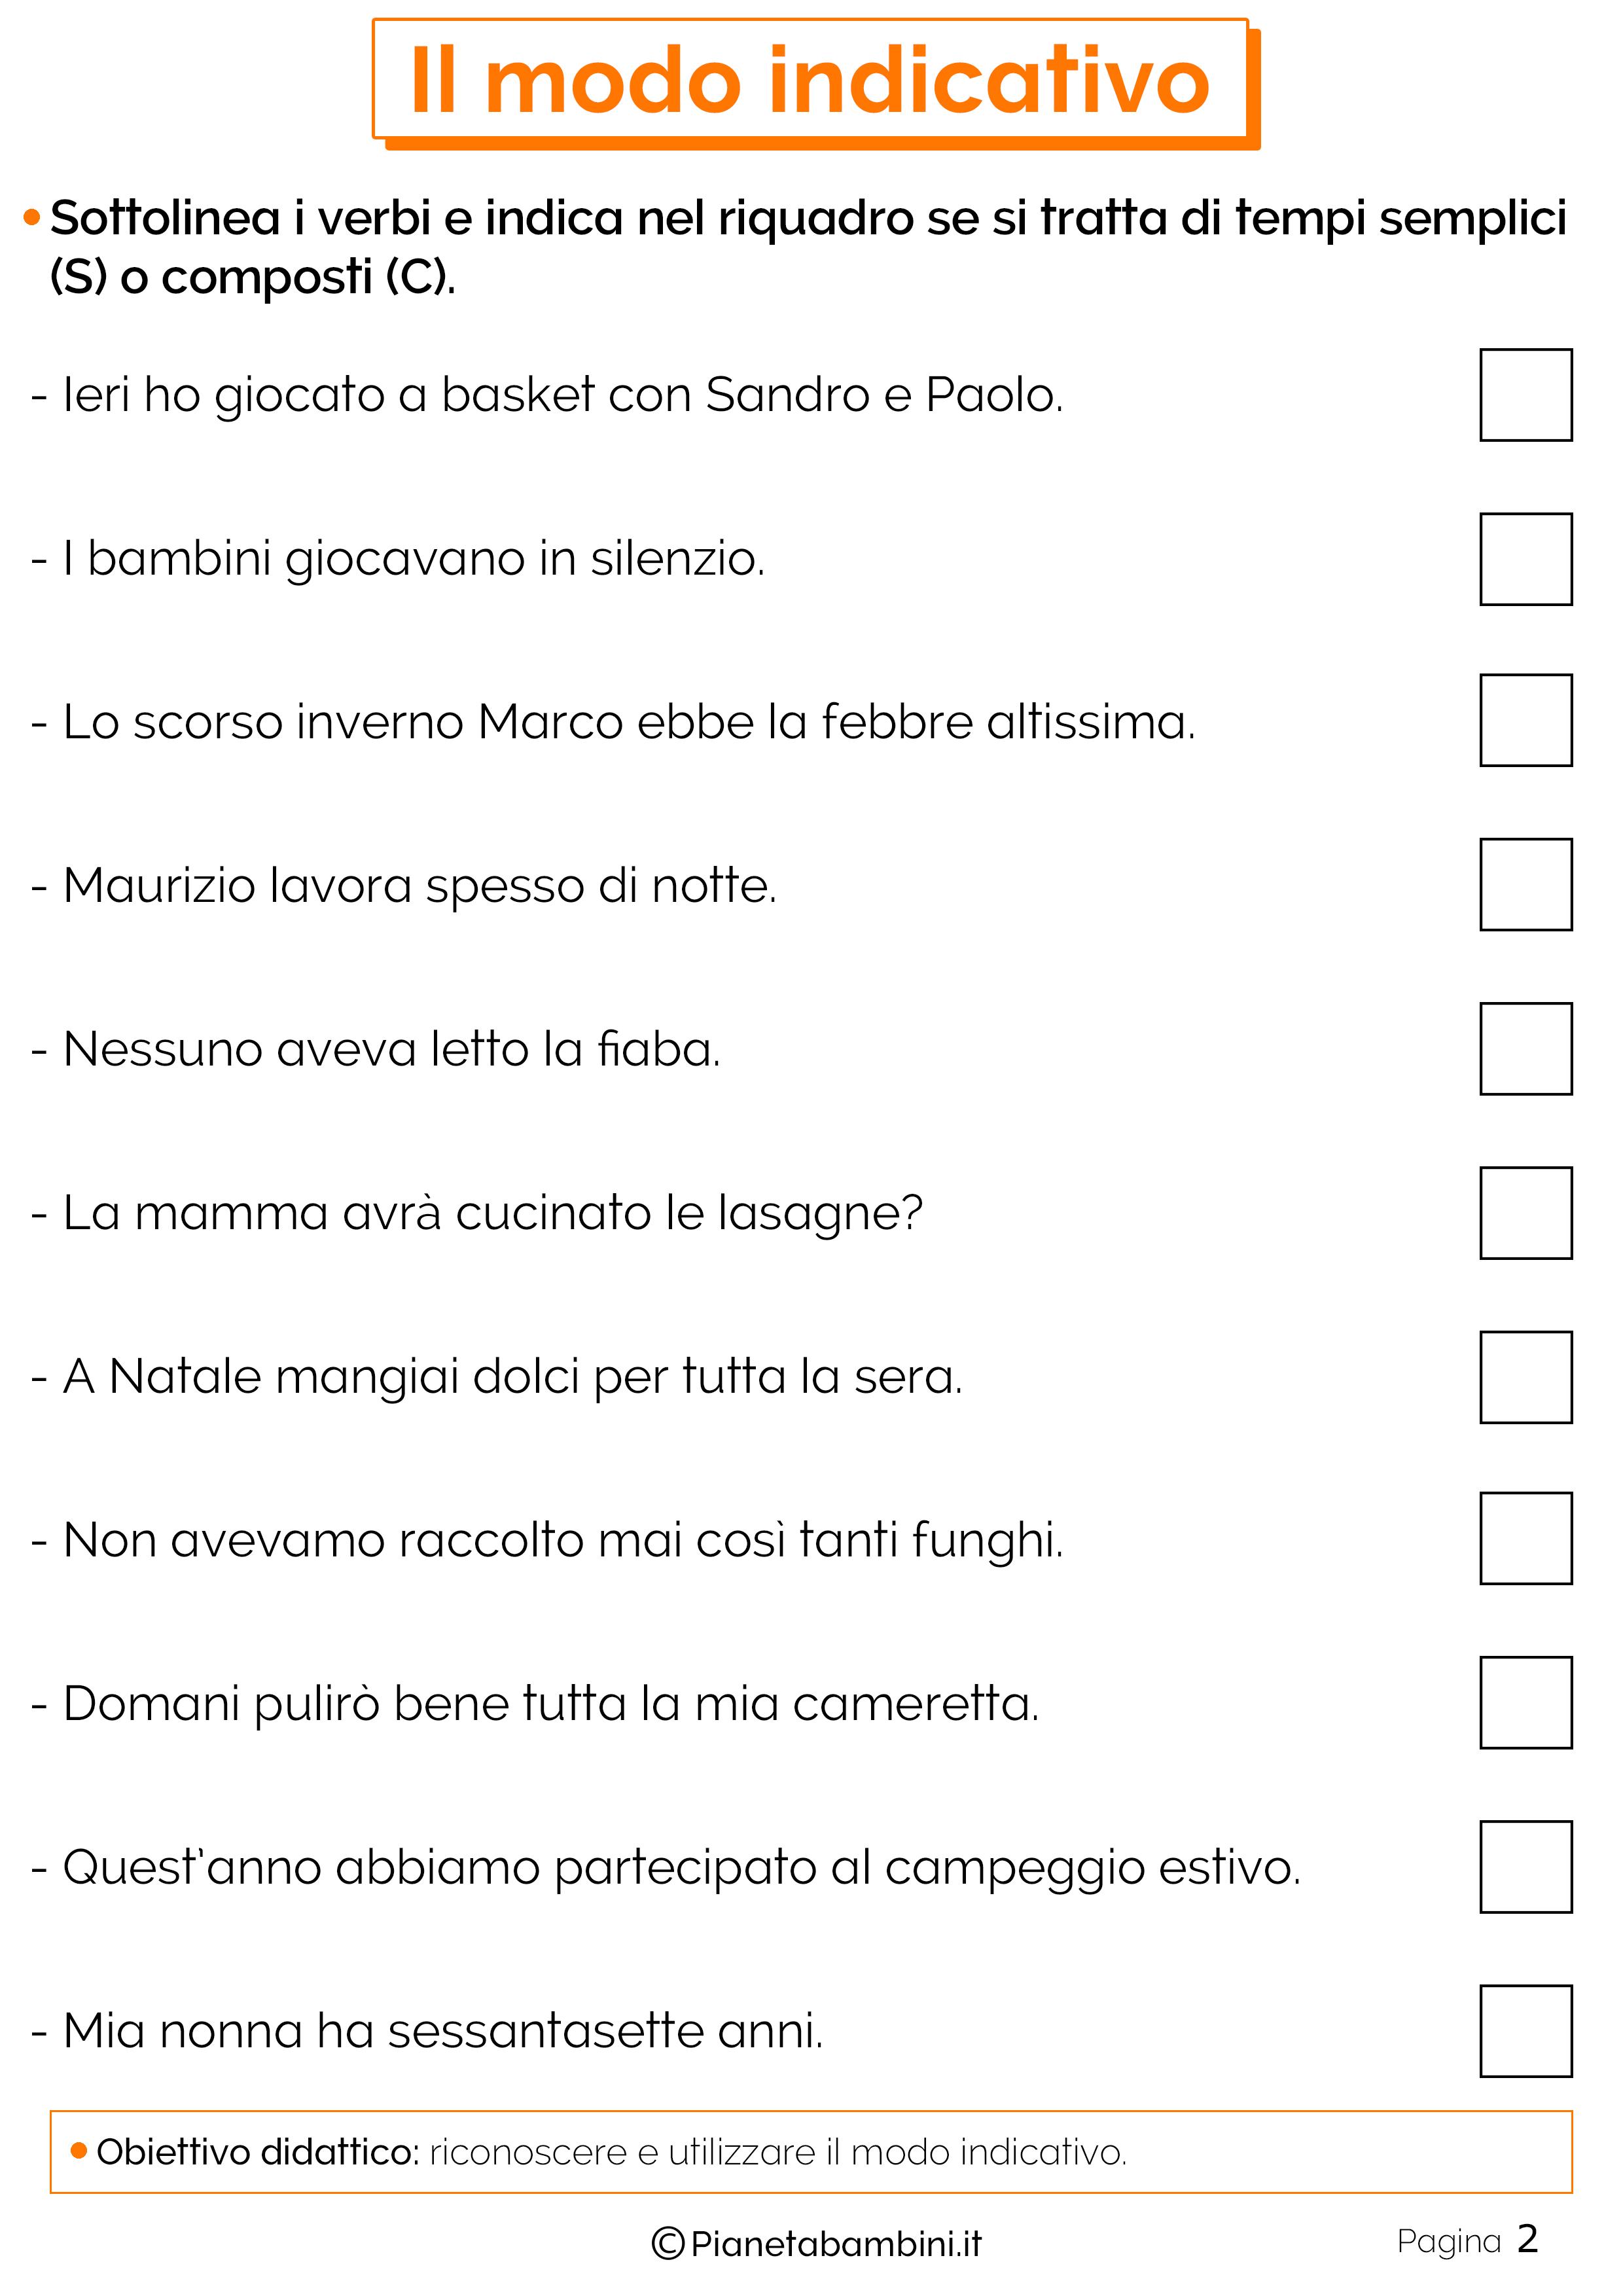 Esercizi sul modo indicativo 2